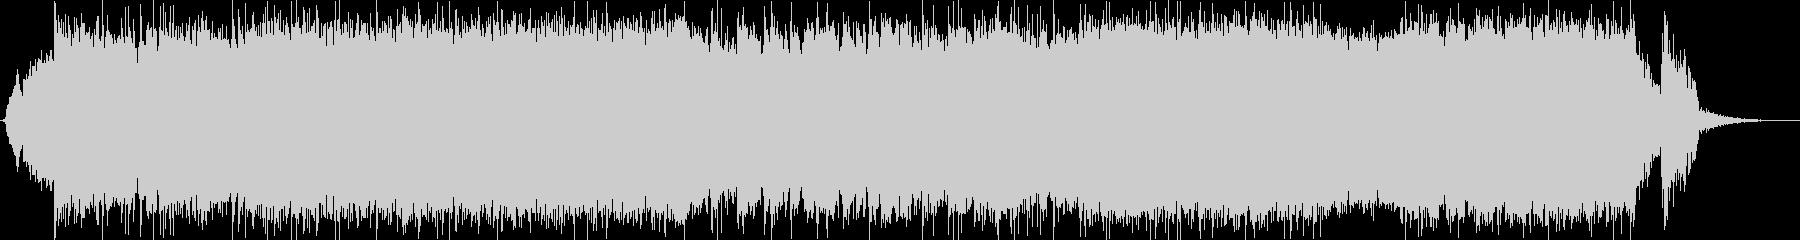 ダークファンタジーオーケストラ戦闘曲57の未再生の波形